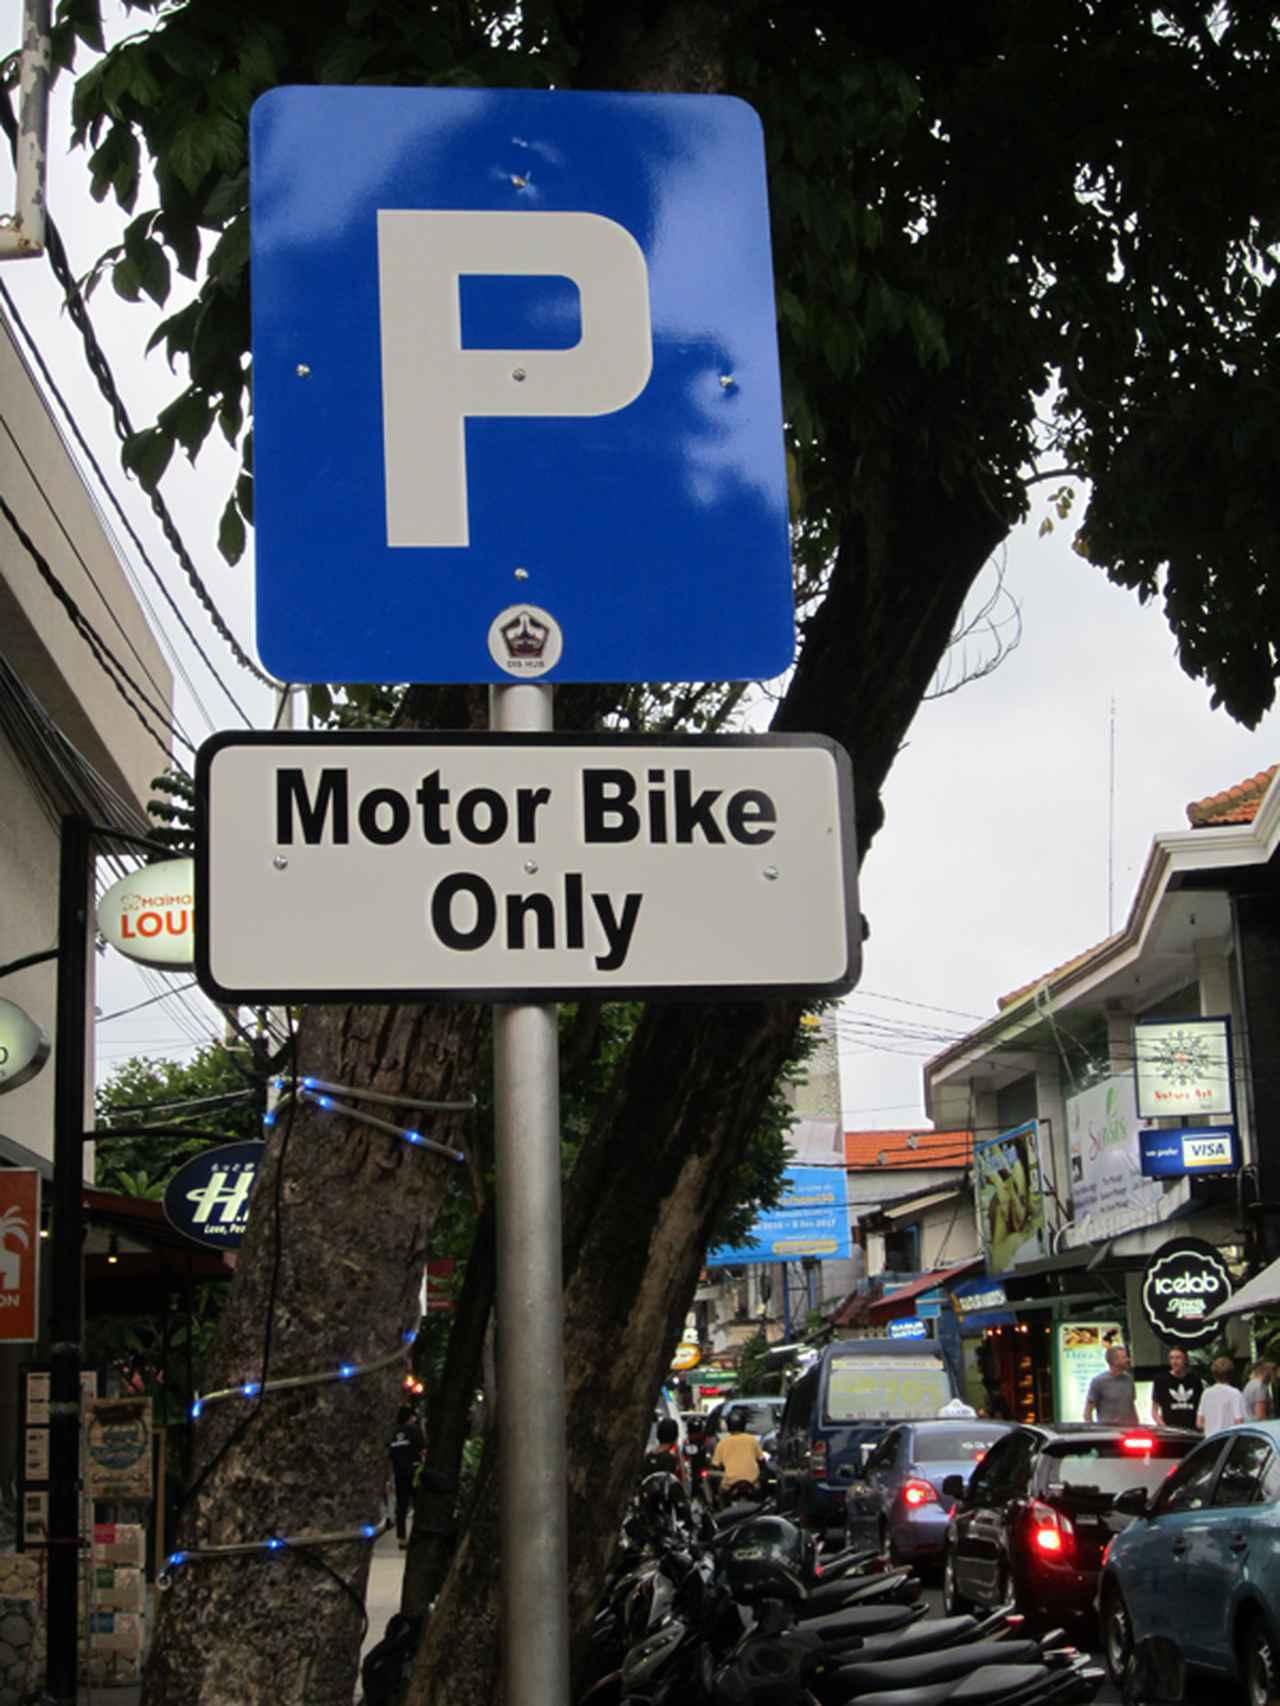 画像: 道路の1車線をつぶして、バイクの駐車スペースにしている。スクーターがびっしり並ぶ(バリ島ウブド地区)